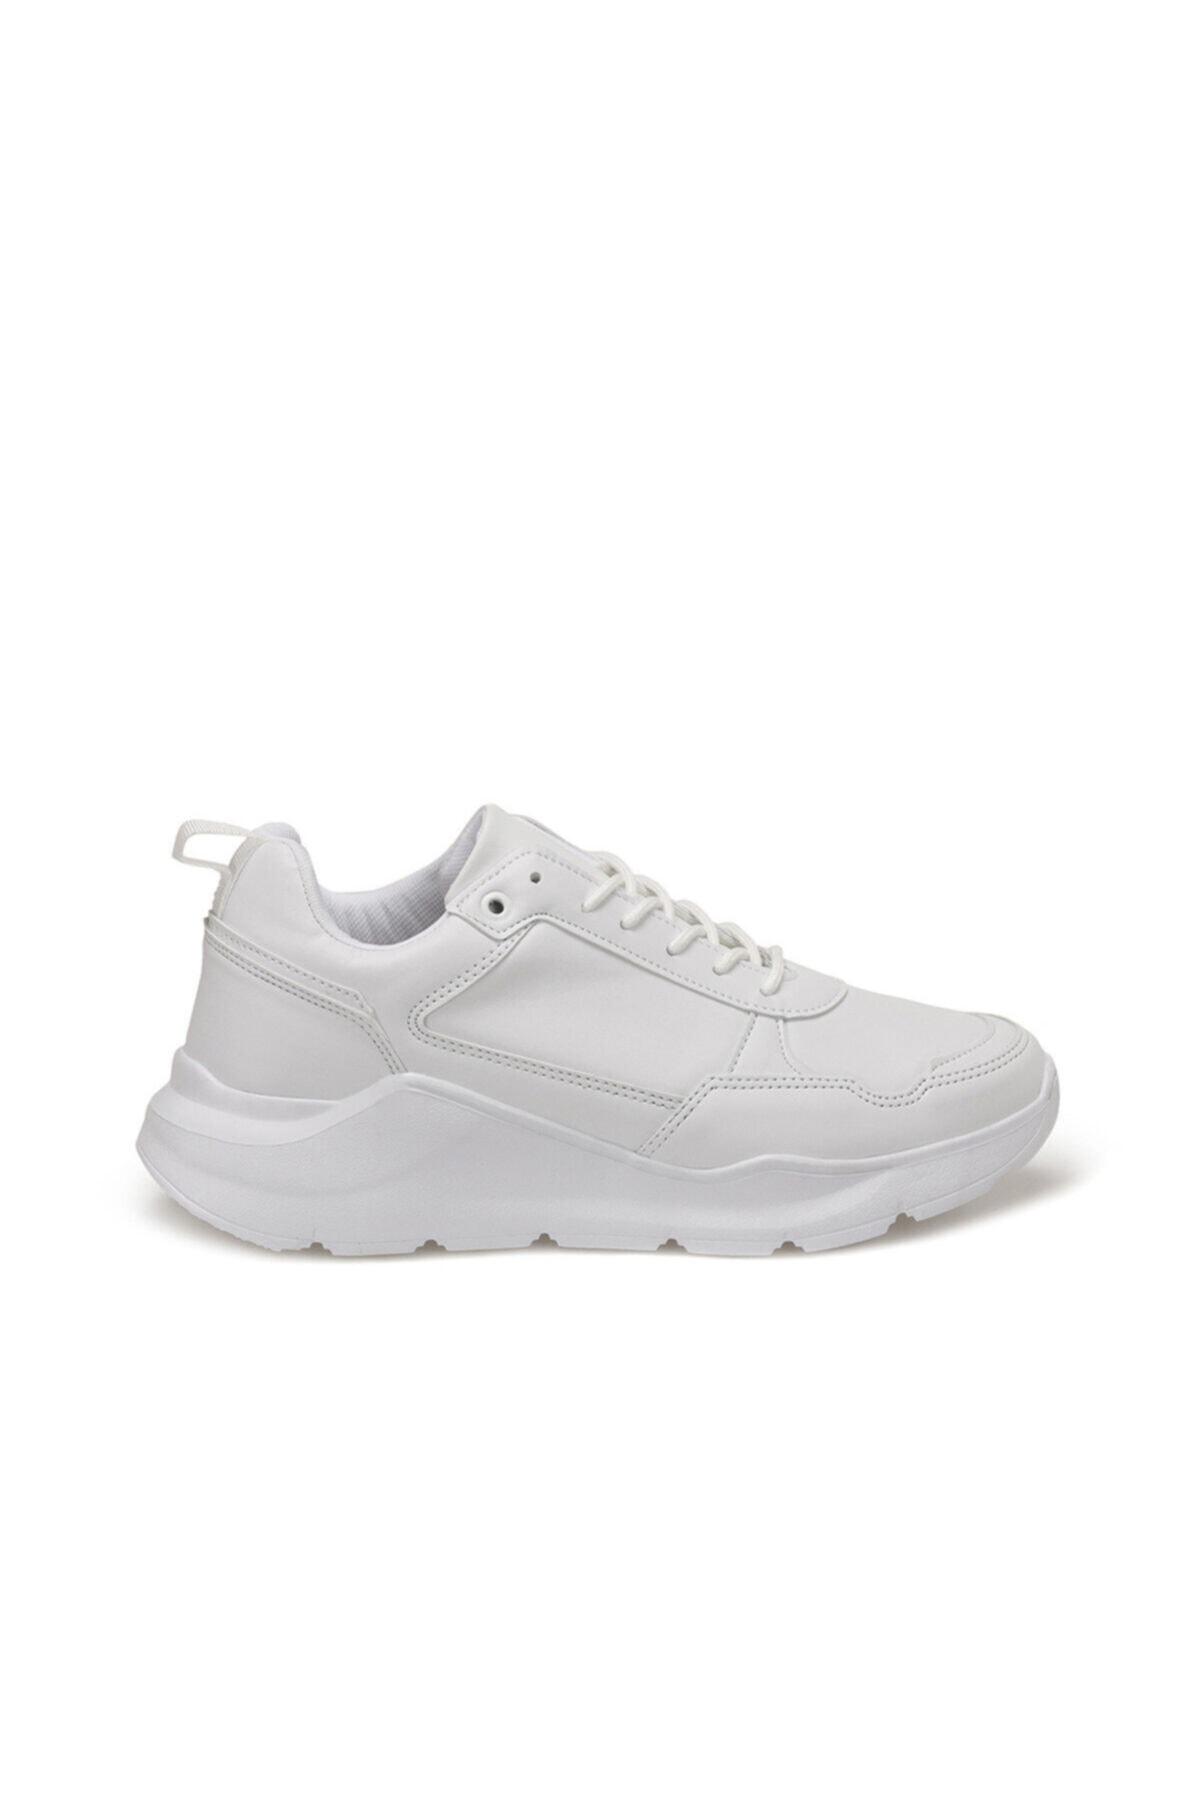 FORESTER EC-1065 Beyaz Erkek Kalın Taban Sneaker Spor Ayakkabı 100569501 2